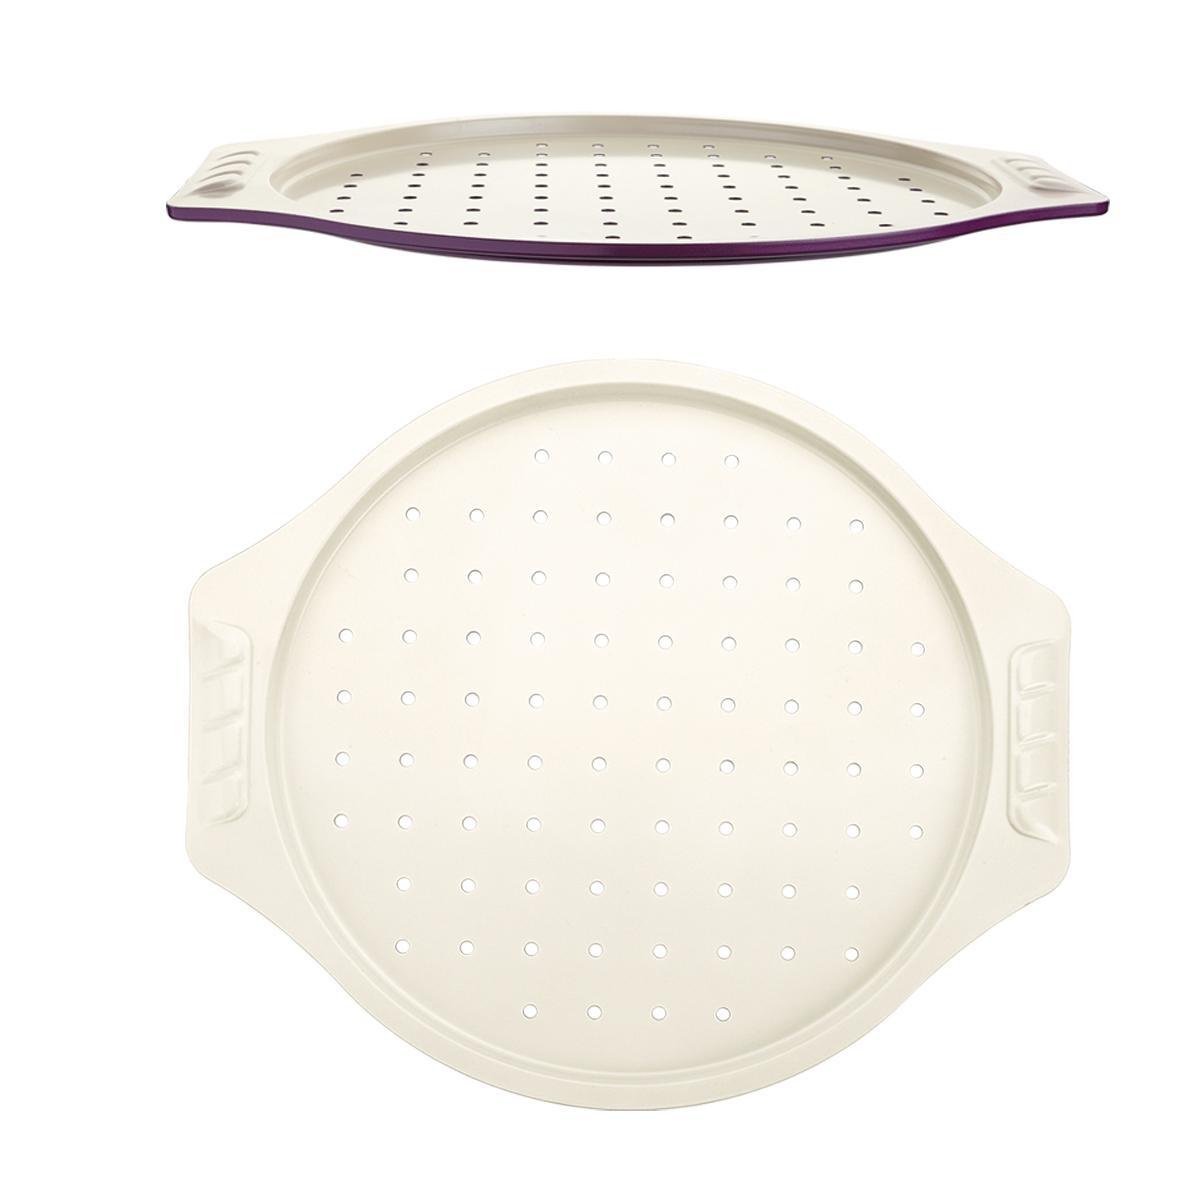 Противень для пиццы Augustin Welz, с керамическим покрытием, 38,5 х 34 смAW-2153Противень для пиццы Augustin Welz, изготовленный из углеродистой стали, поможет вам достигнуть профессиональных кулинарных результатов в домашних условиях. Износостойкая углеродистая сталь обеспечивает равномерный нагрев формы и предотвращает деформацию. Экологичное керамическое антипригарное покрытие без содержания политетрафторэтилена и перфтороктановой кислоты гарантирует мгновенное снятие приготовленного блюда с противня и его легкую очистку. Благодаря эргономичному дизайну ручек его удобно держать даже в прихватках. Высокое качество и стильный дизайн сделают этот противень изюминкой любой кухни. С ним процесс приготовления даже самого изысканного блюда станет простым и быстрым. Размер противня: 38,5 см х 34 см. Высота стенки: 1,3 см. Толщина стенки: 8 мм.